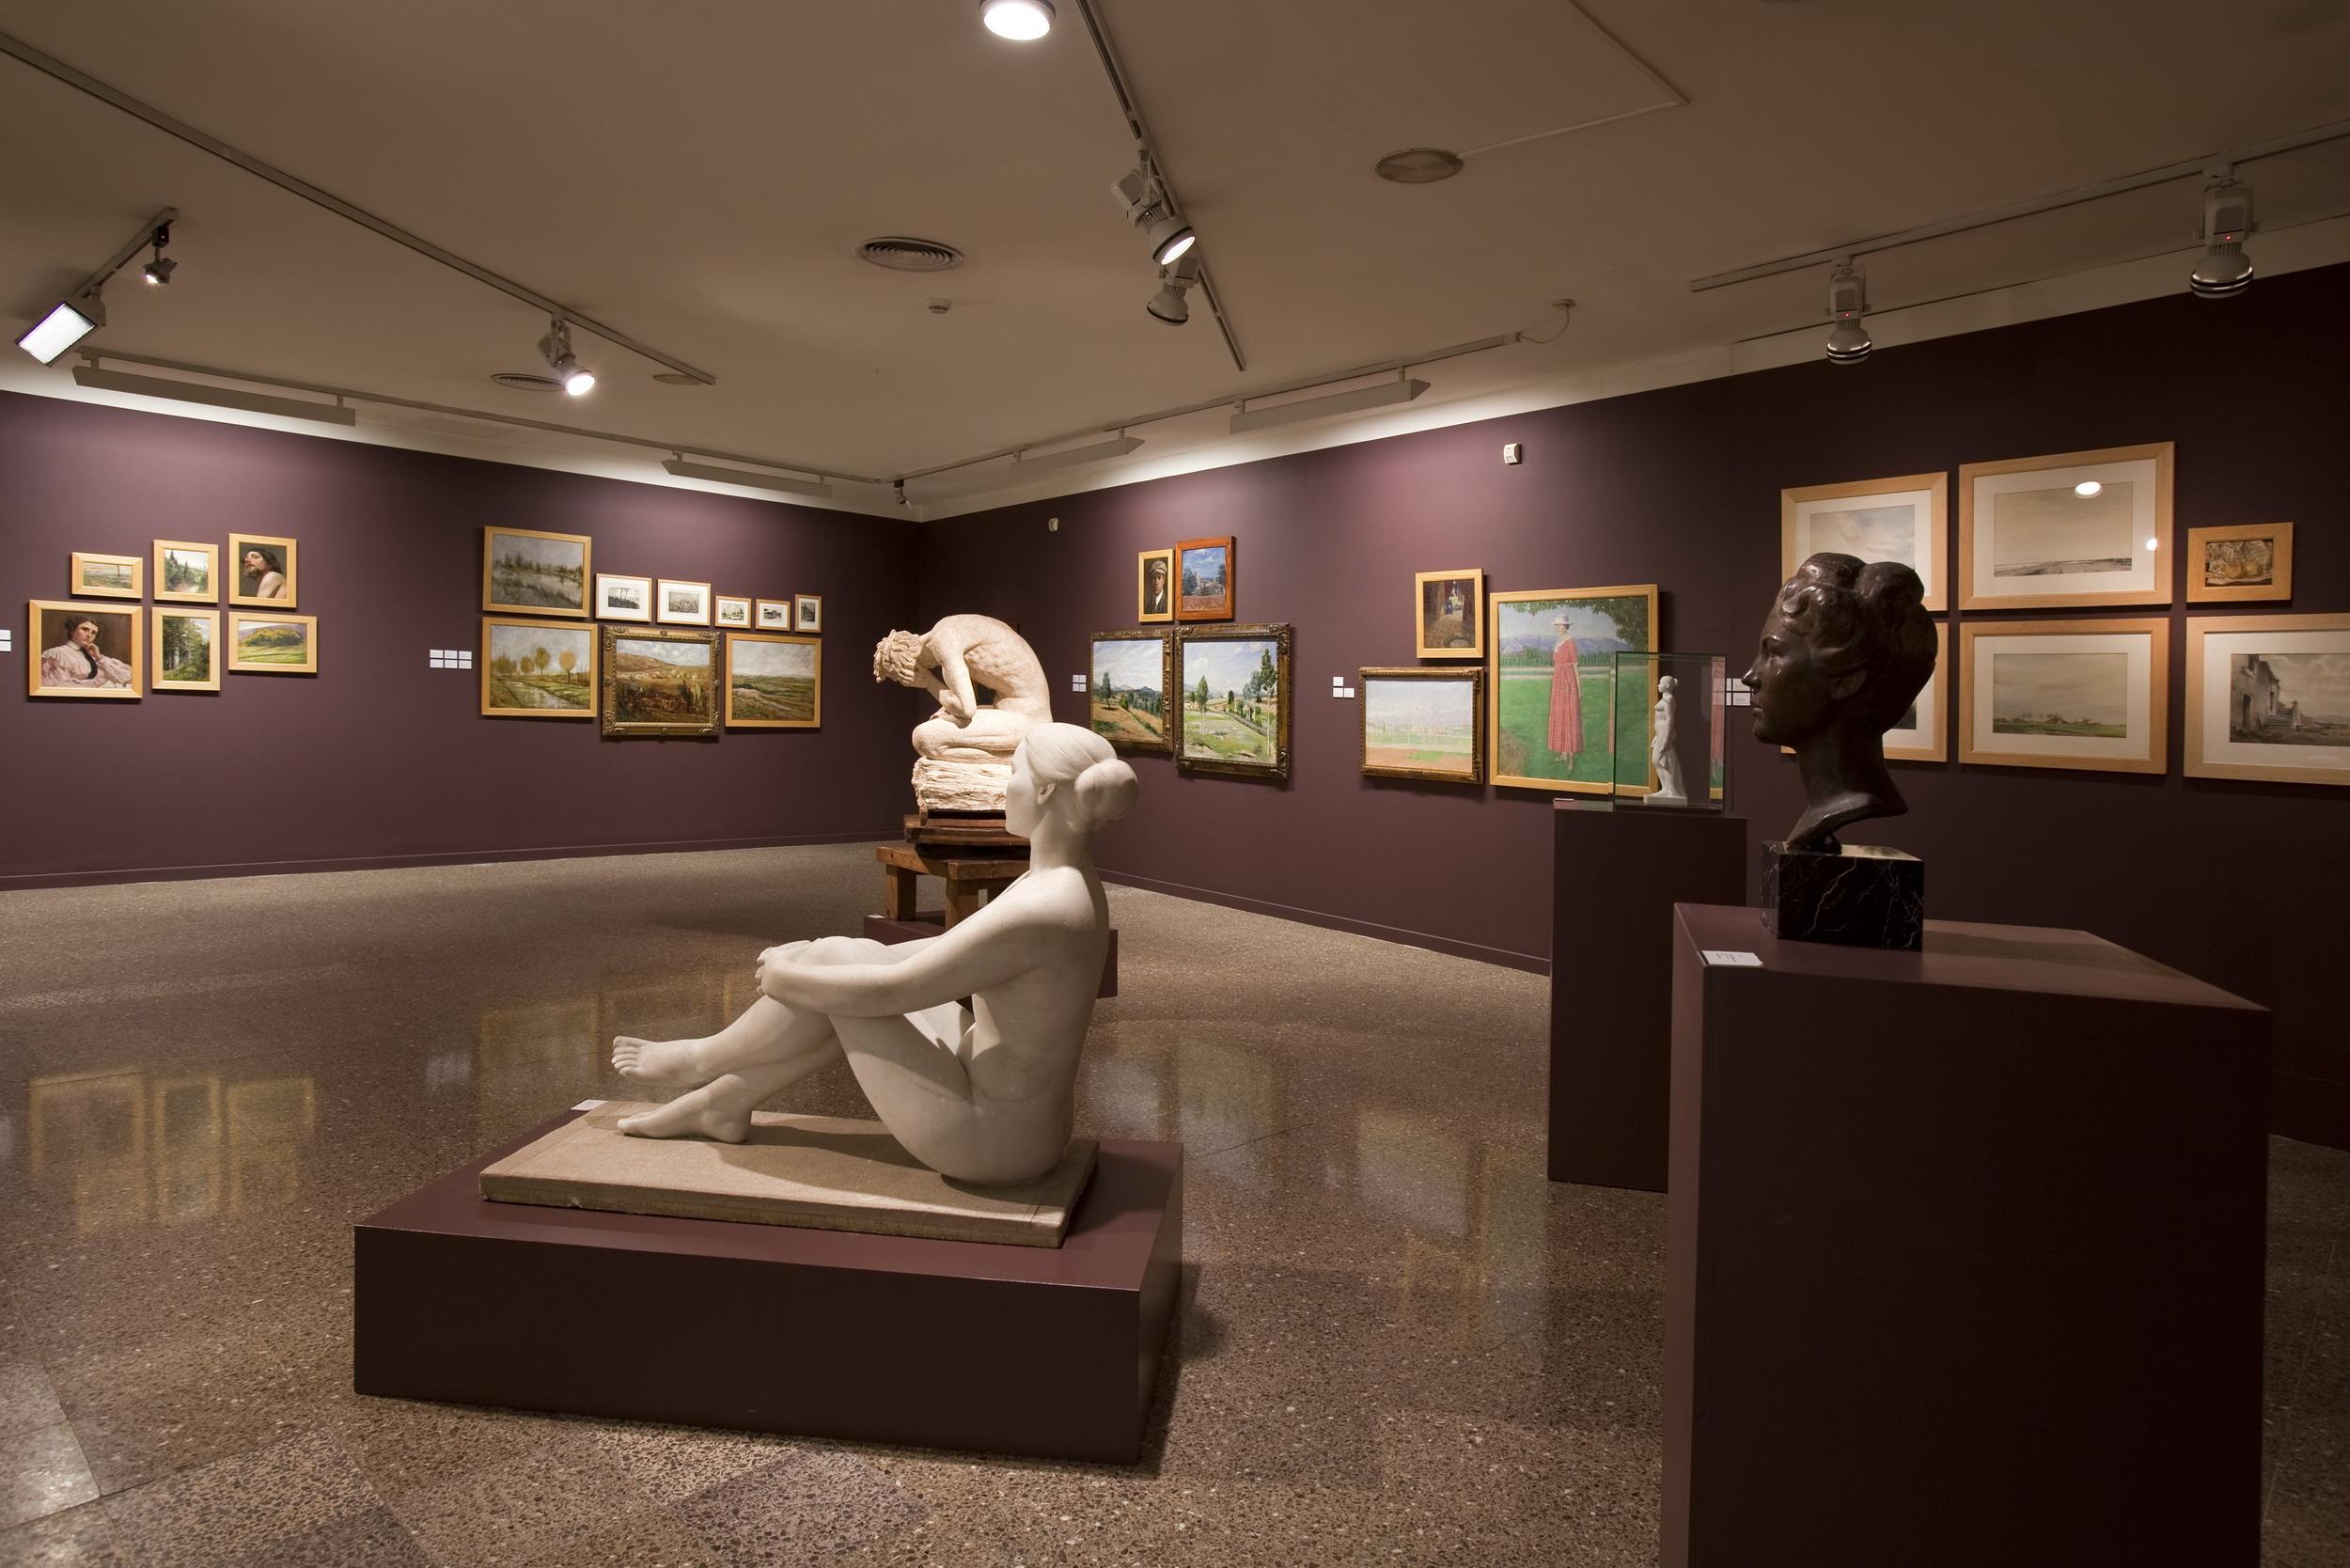 Экспонаты музея Эмпорда